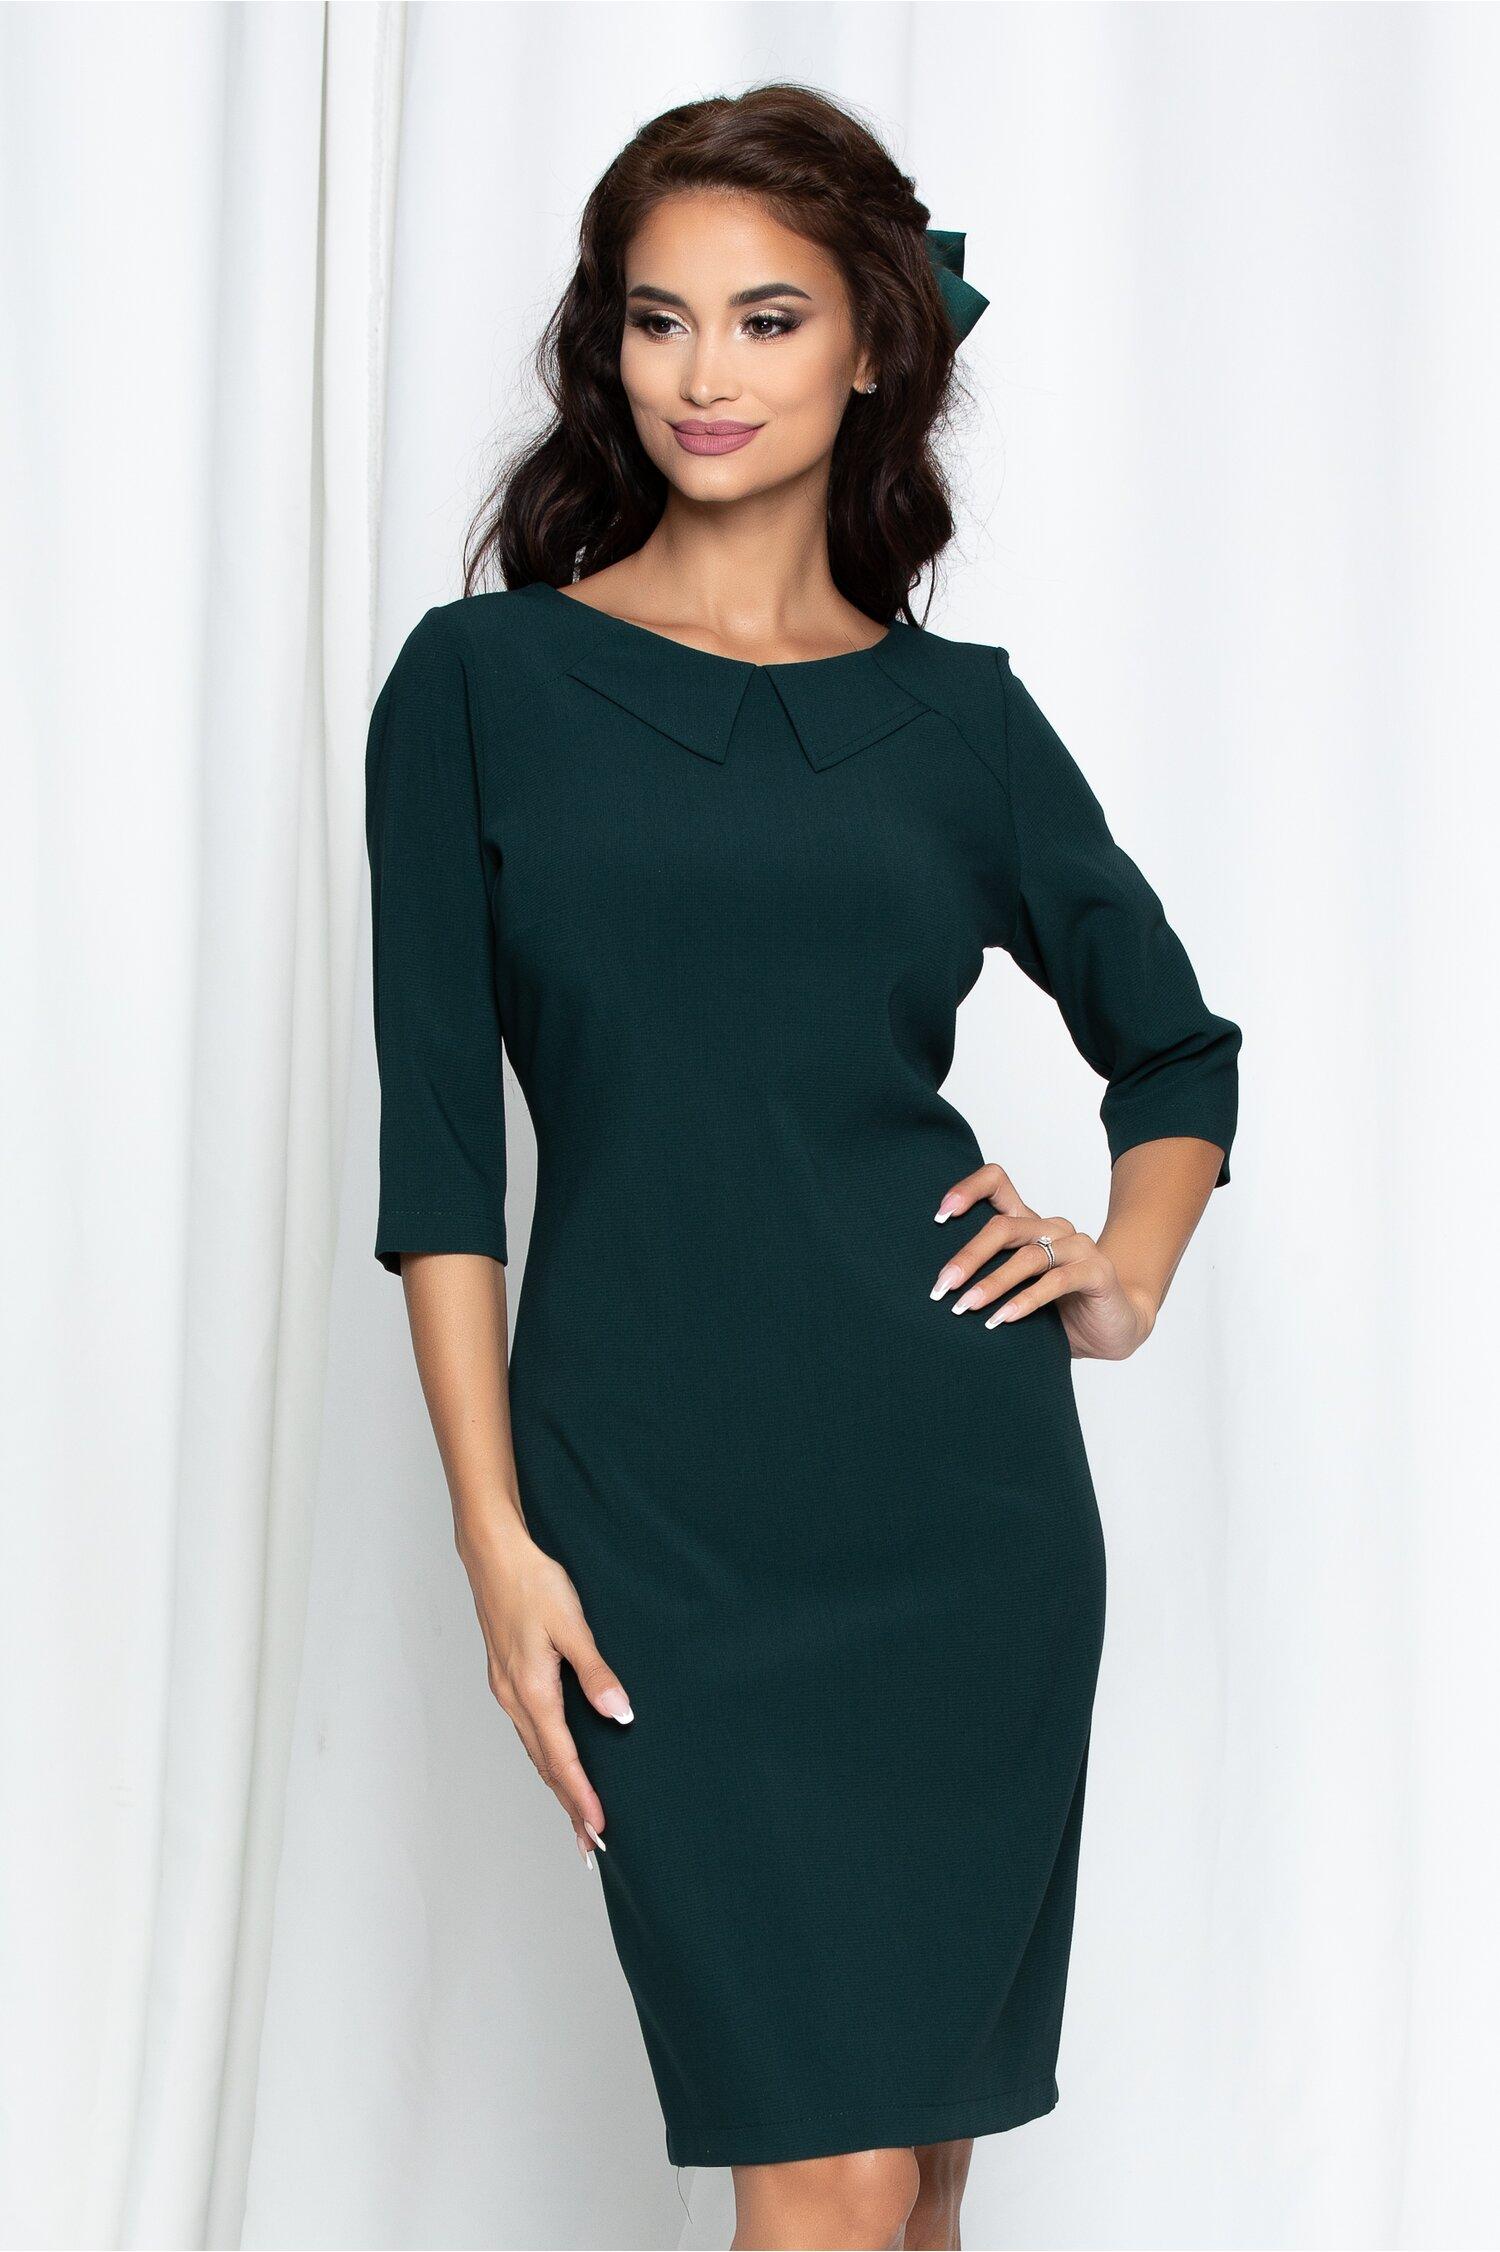 Rochie Simona verde cu guler discret